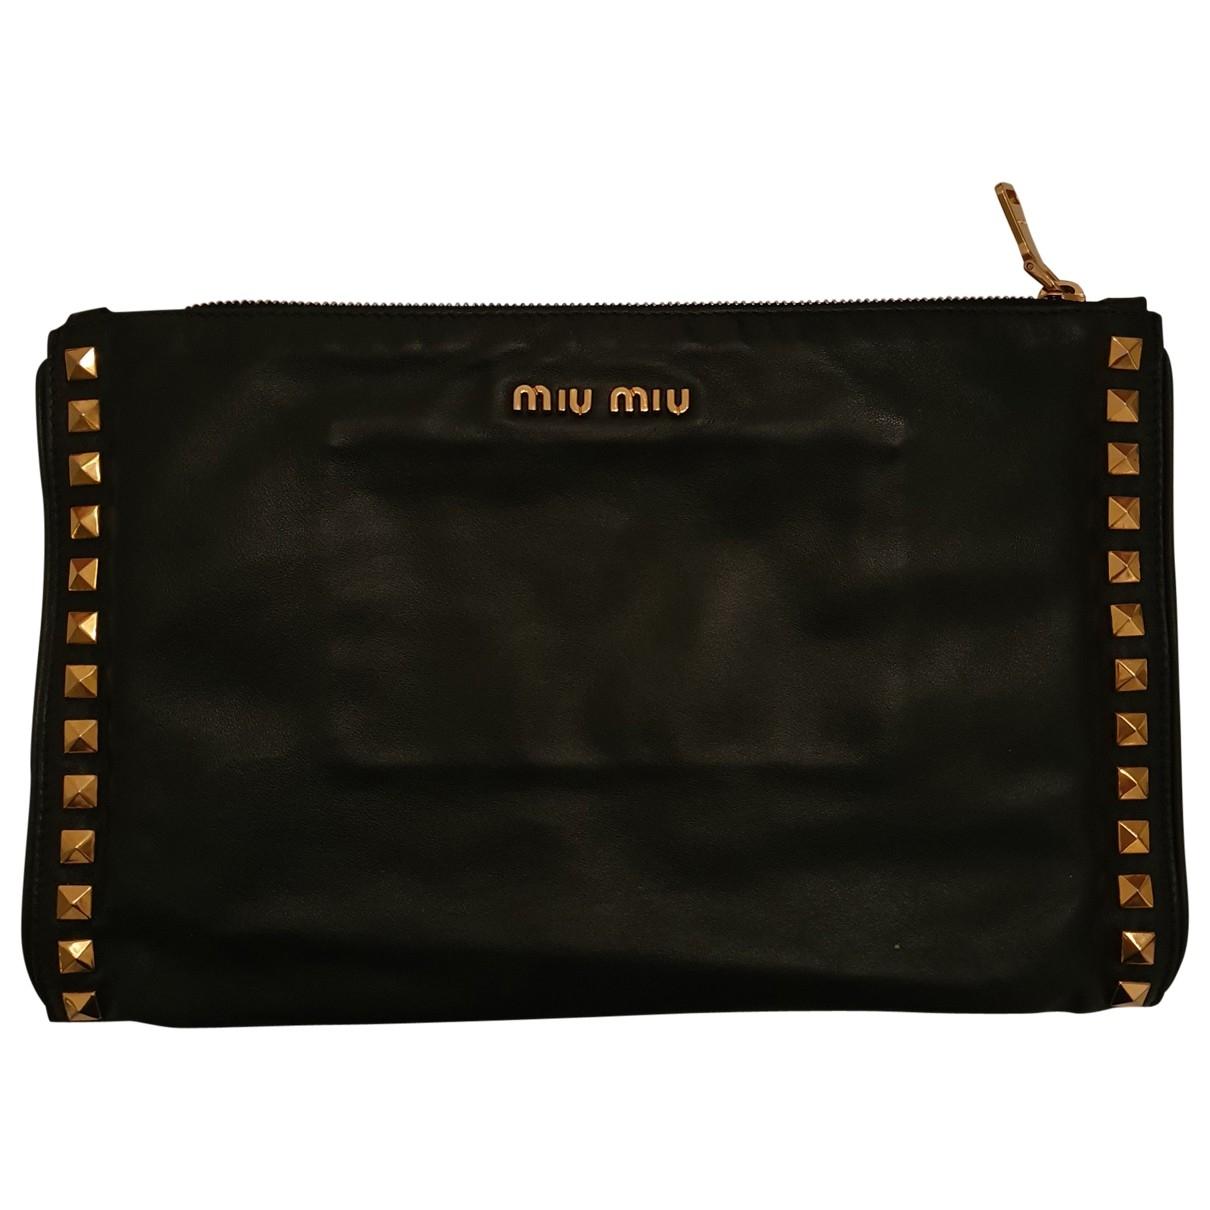 Miu Miu - Pochette   pour femme en cuir - noir